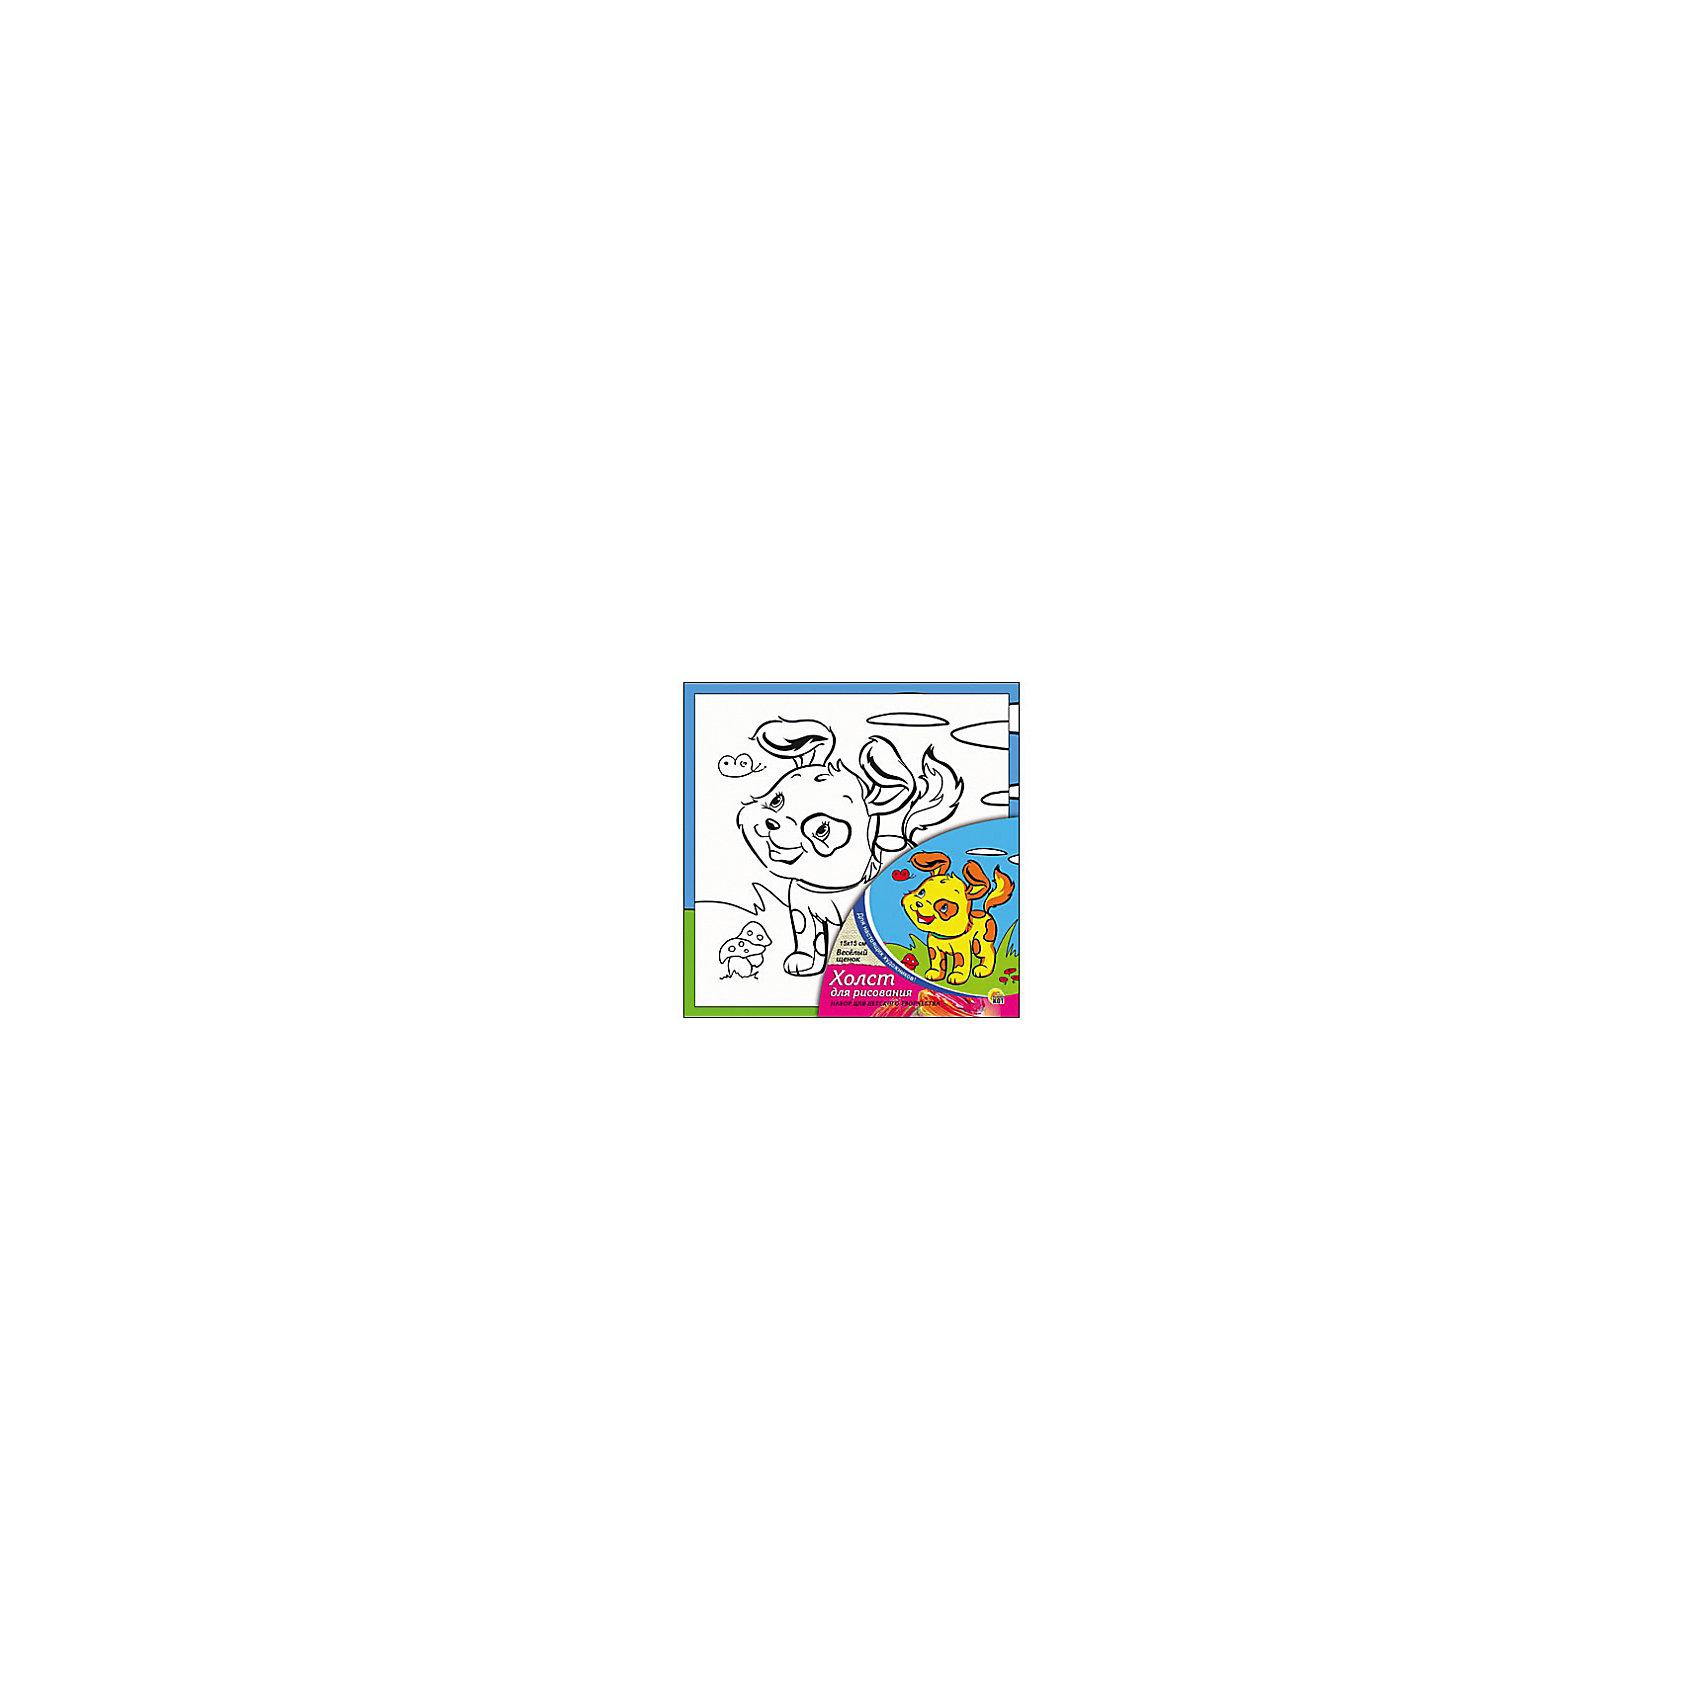 Холст с красками Весёлый щенок 15х15 см.замечательные наборы для создания уникального шедевра изобразительного искусства. Создание картин на специально подготовленной рабочей поверхности – это уникальная техника, позволяющая делать Ваши шедевры более яркими и реалистичными. Просто нанесите мазки на уже готовый эскиз и оживите картину! Готовые изделия могут стать украшением интерьера или прекрасным подарком близким и друзьям.<br><br>Ширина мм: 150<br>Глубина мм: 150<br>Высота мм: 15<br>Вес г: 838<br>Возраст от месяцев: 36<br>Возраст до месяцев: 108<br>Пол: Унисекс<br>Возраст: Детский<br>SKU: 5096731